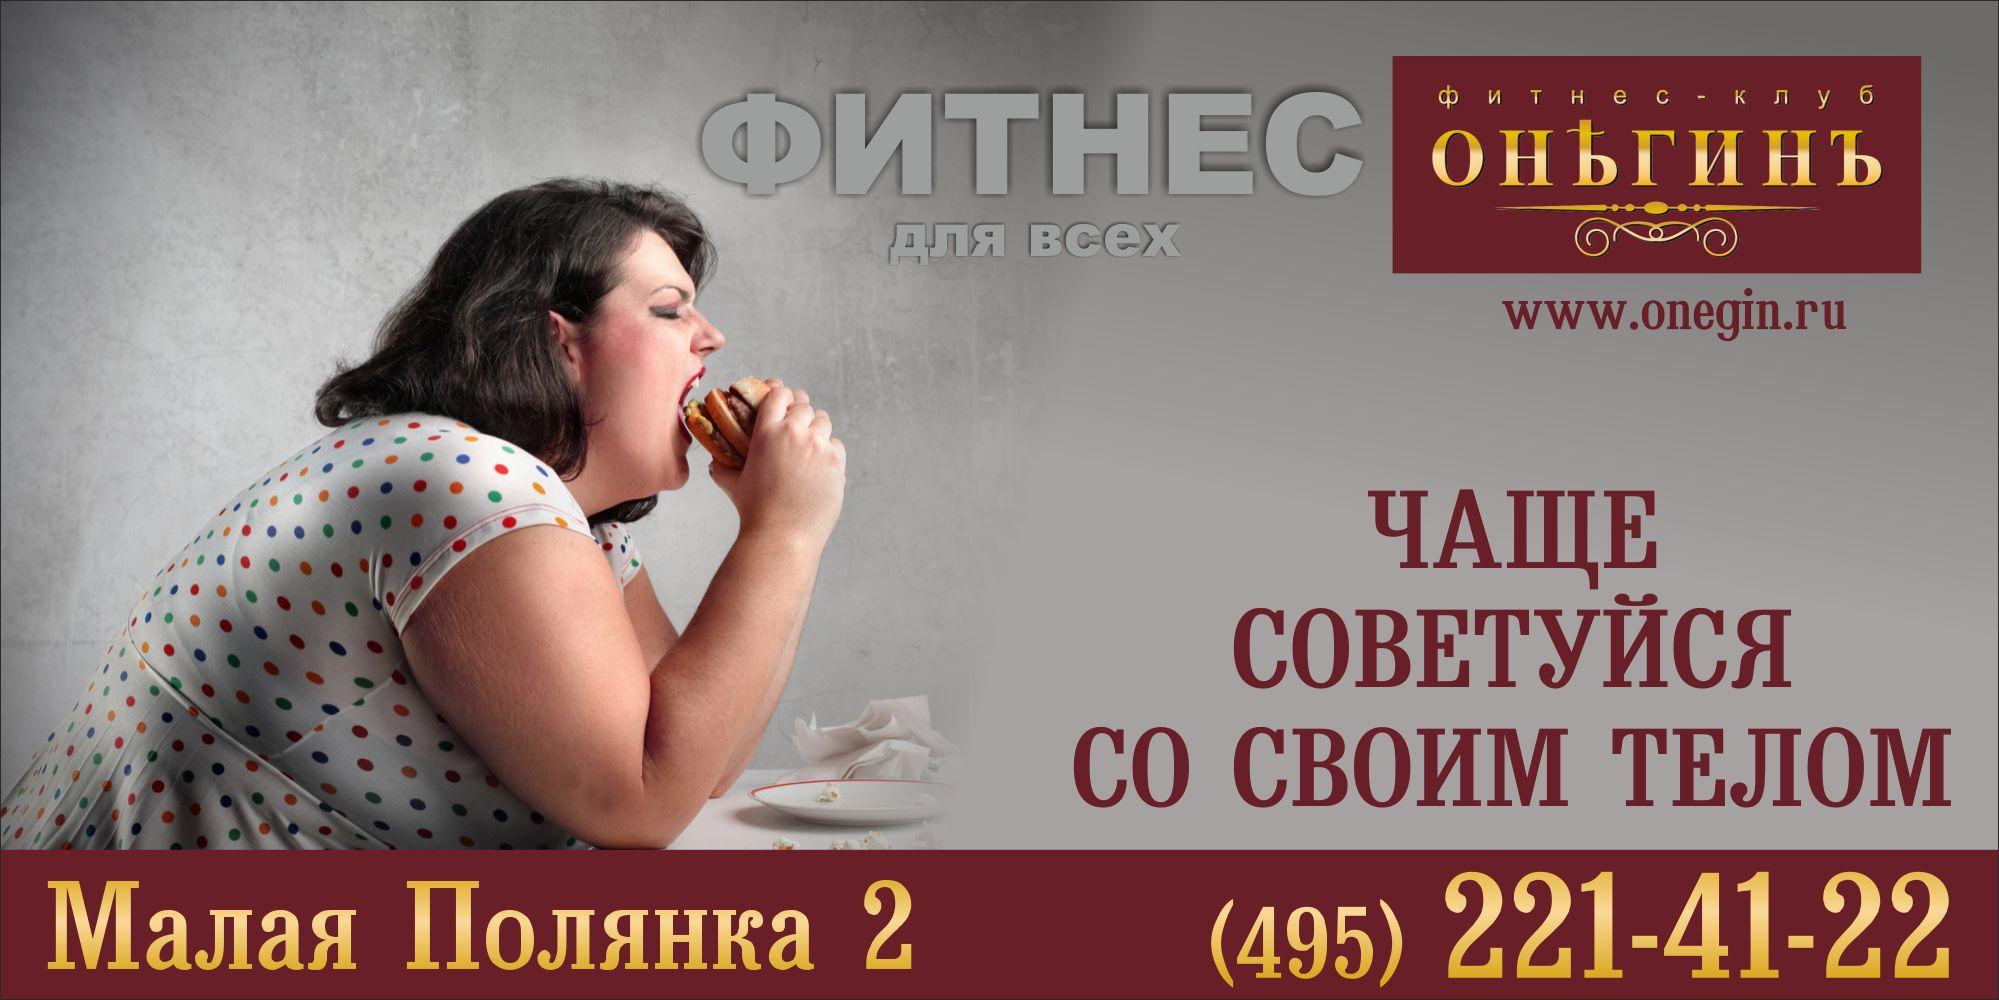 Рекламный баннер - продвижение фитнес-клуба  - дизайнер byka-ve7rov